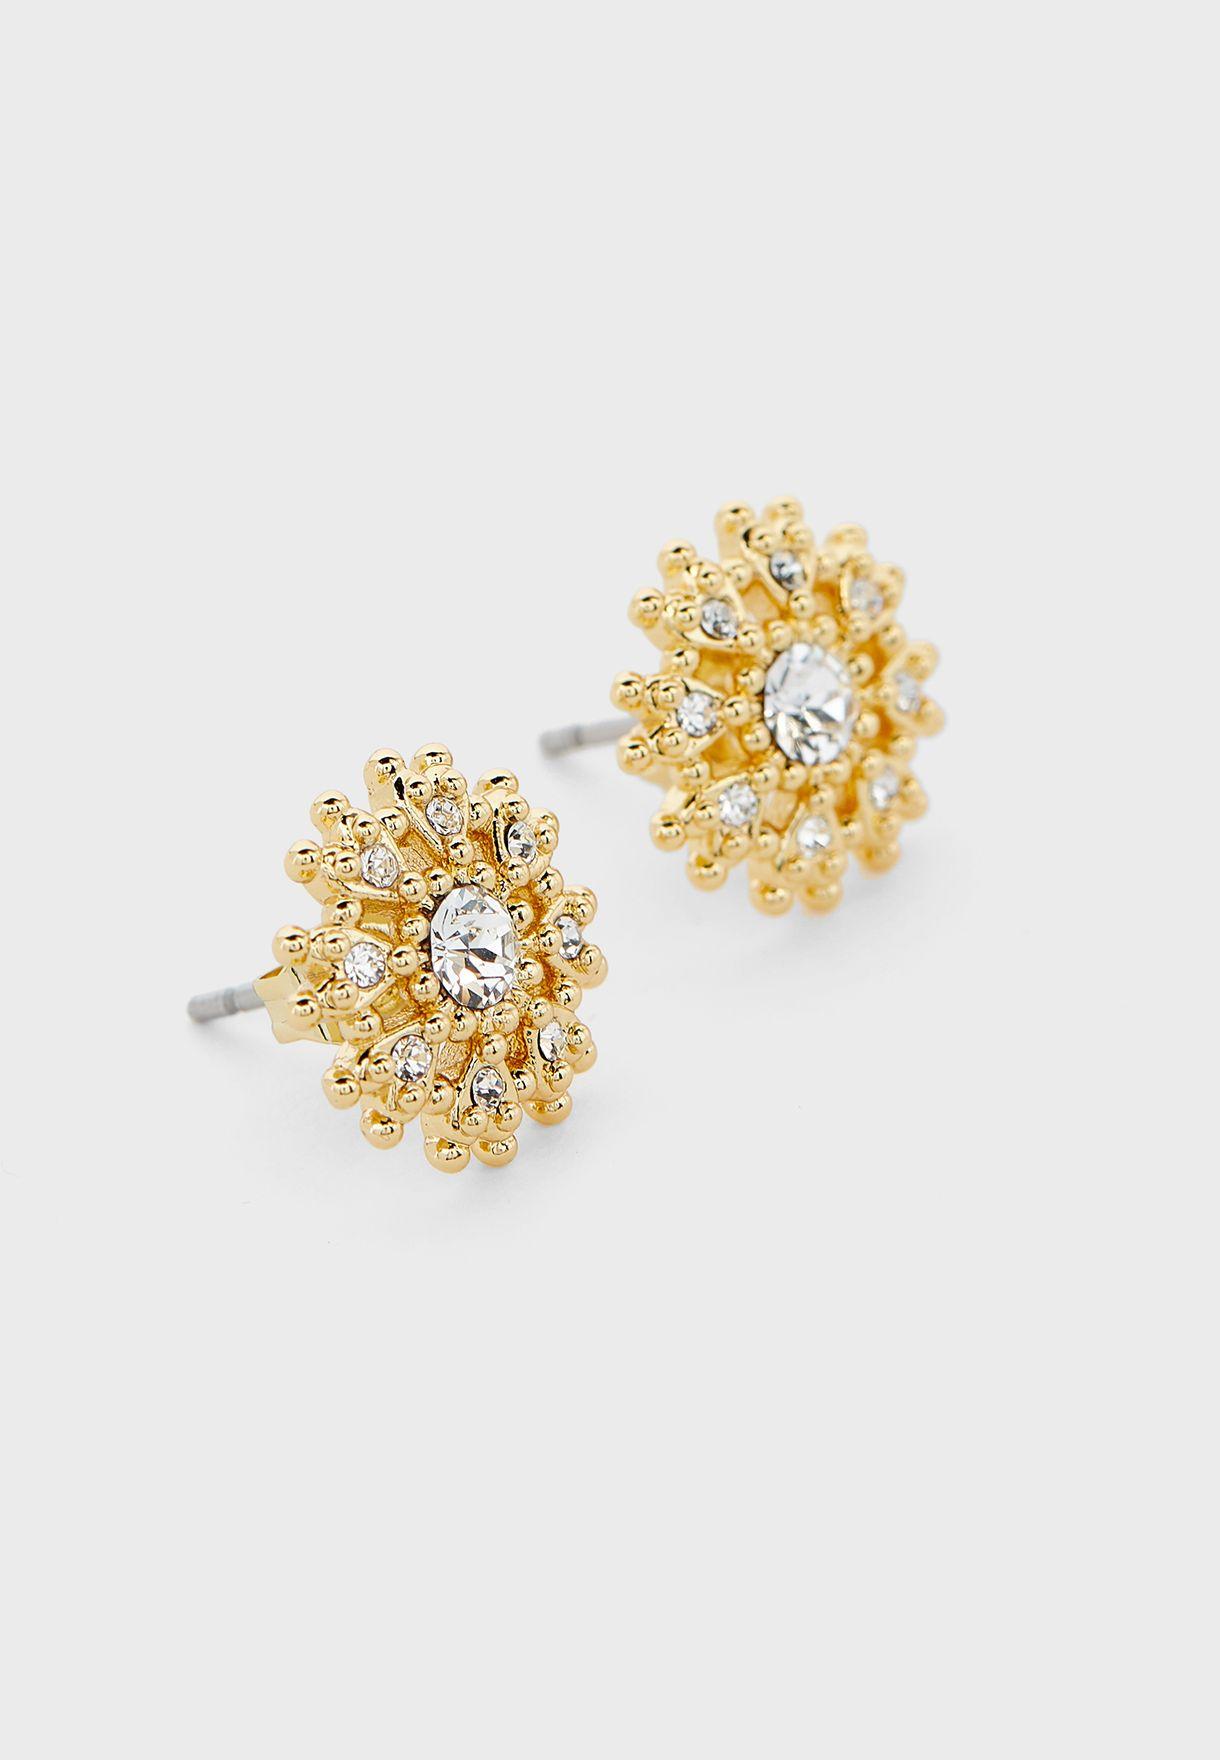 Leslea Love Blossom Stud Earrings